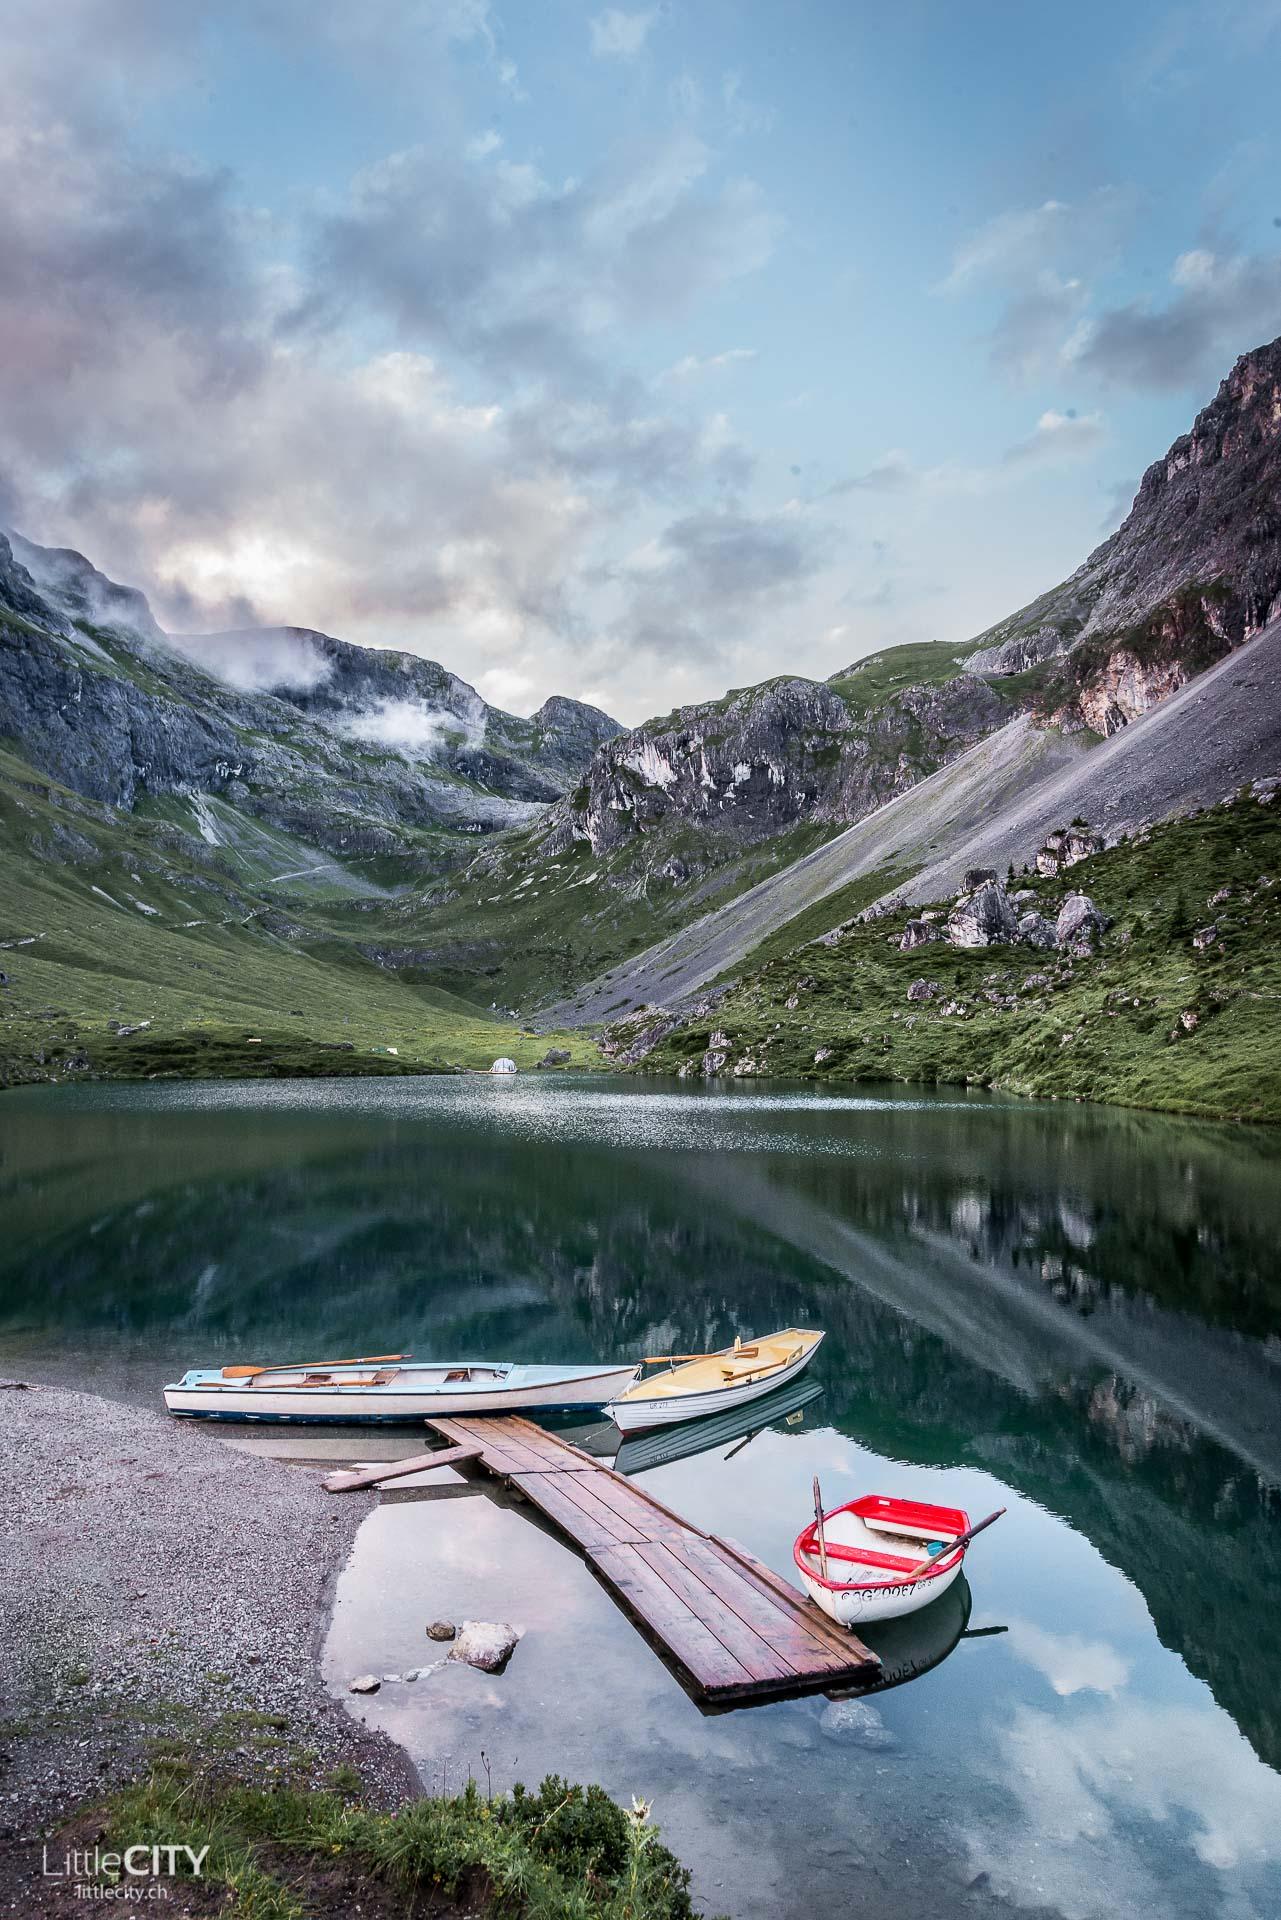 Bergsee Bungalow von LittleCITY.ch auf dem Partnunsee